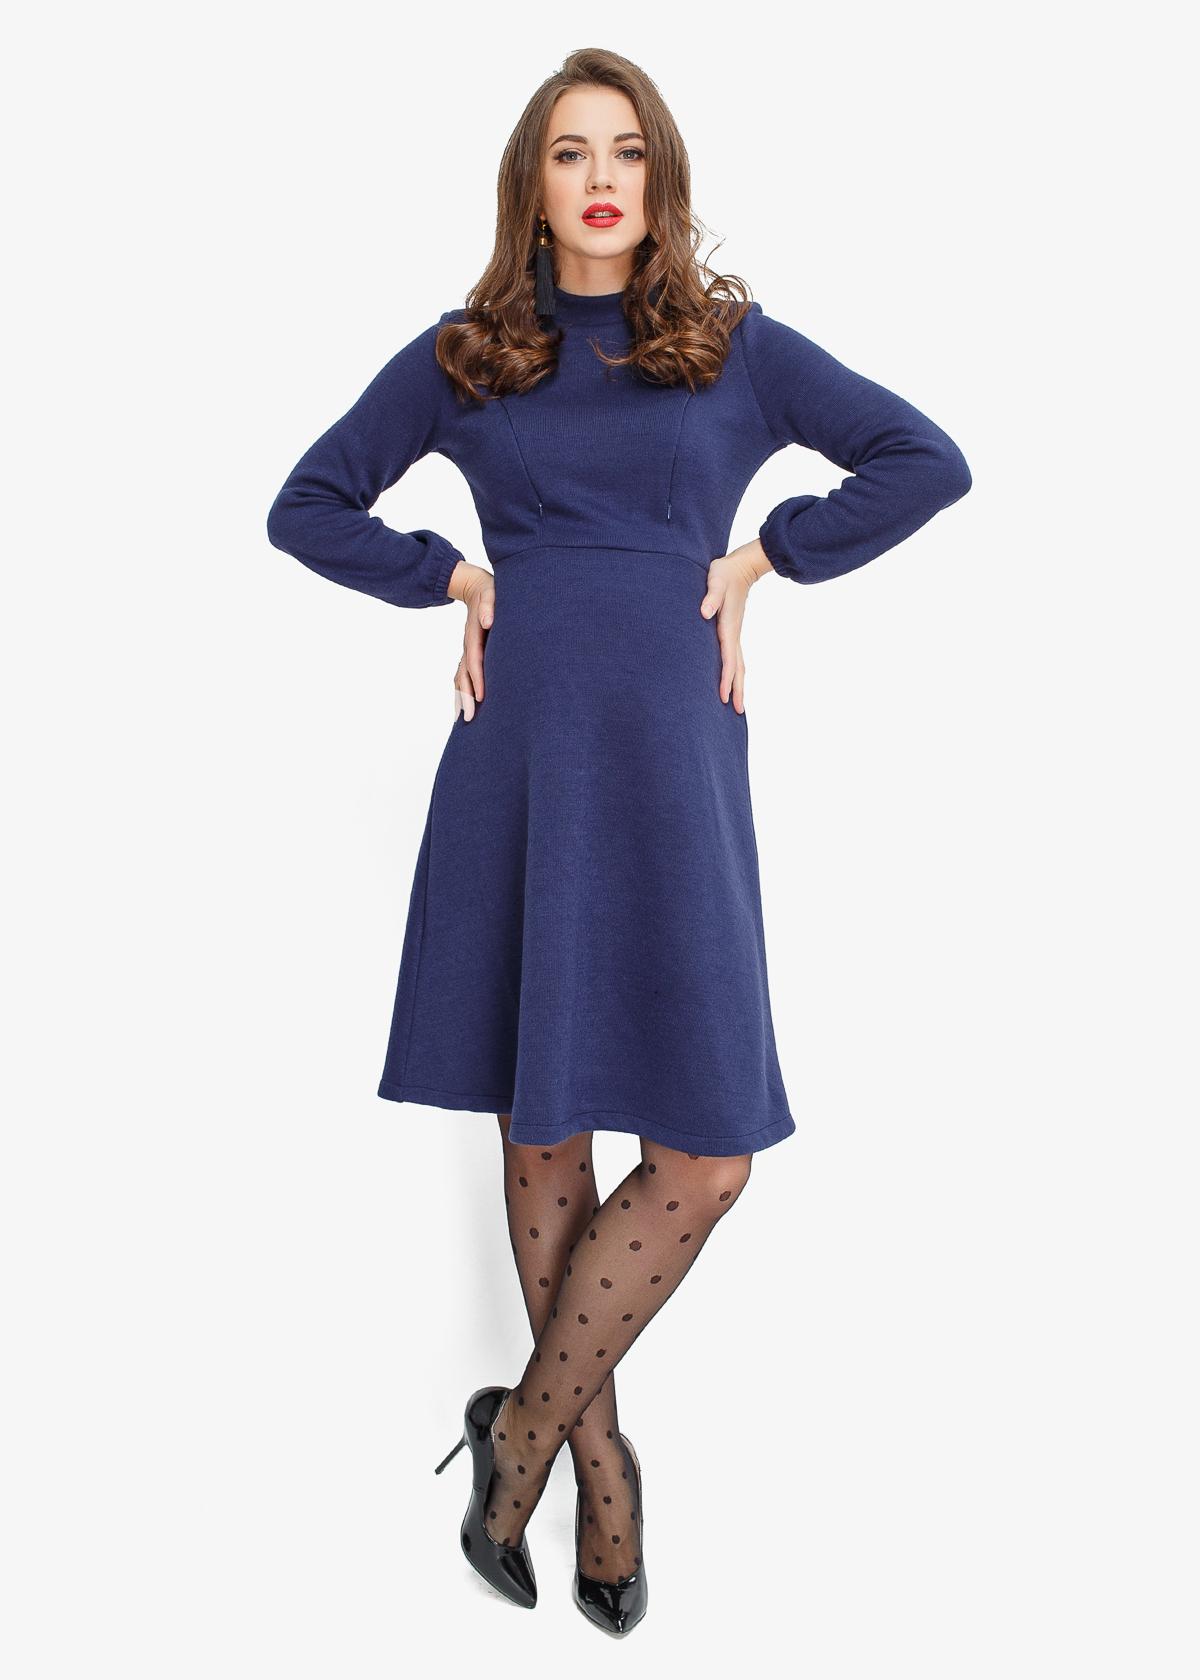 Фото: теплое платье для беременных INDIGO Limited Edition 1